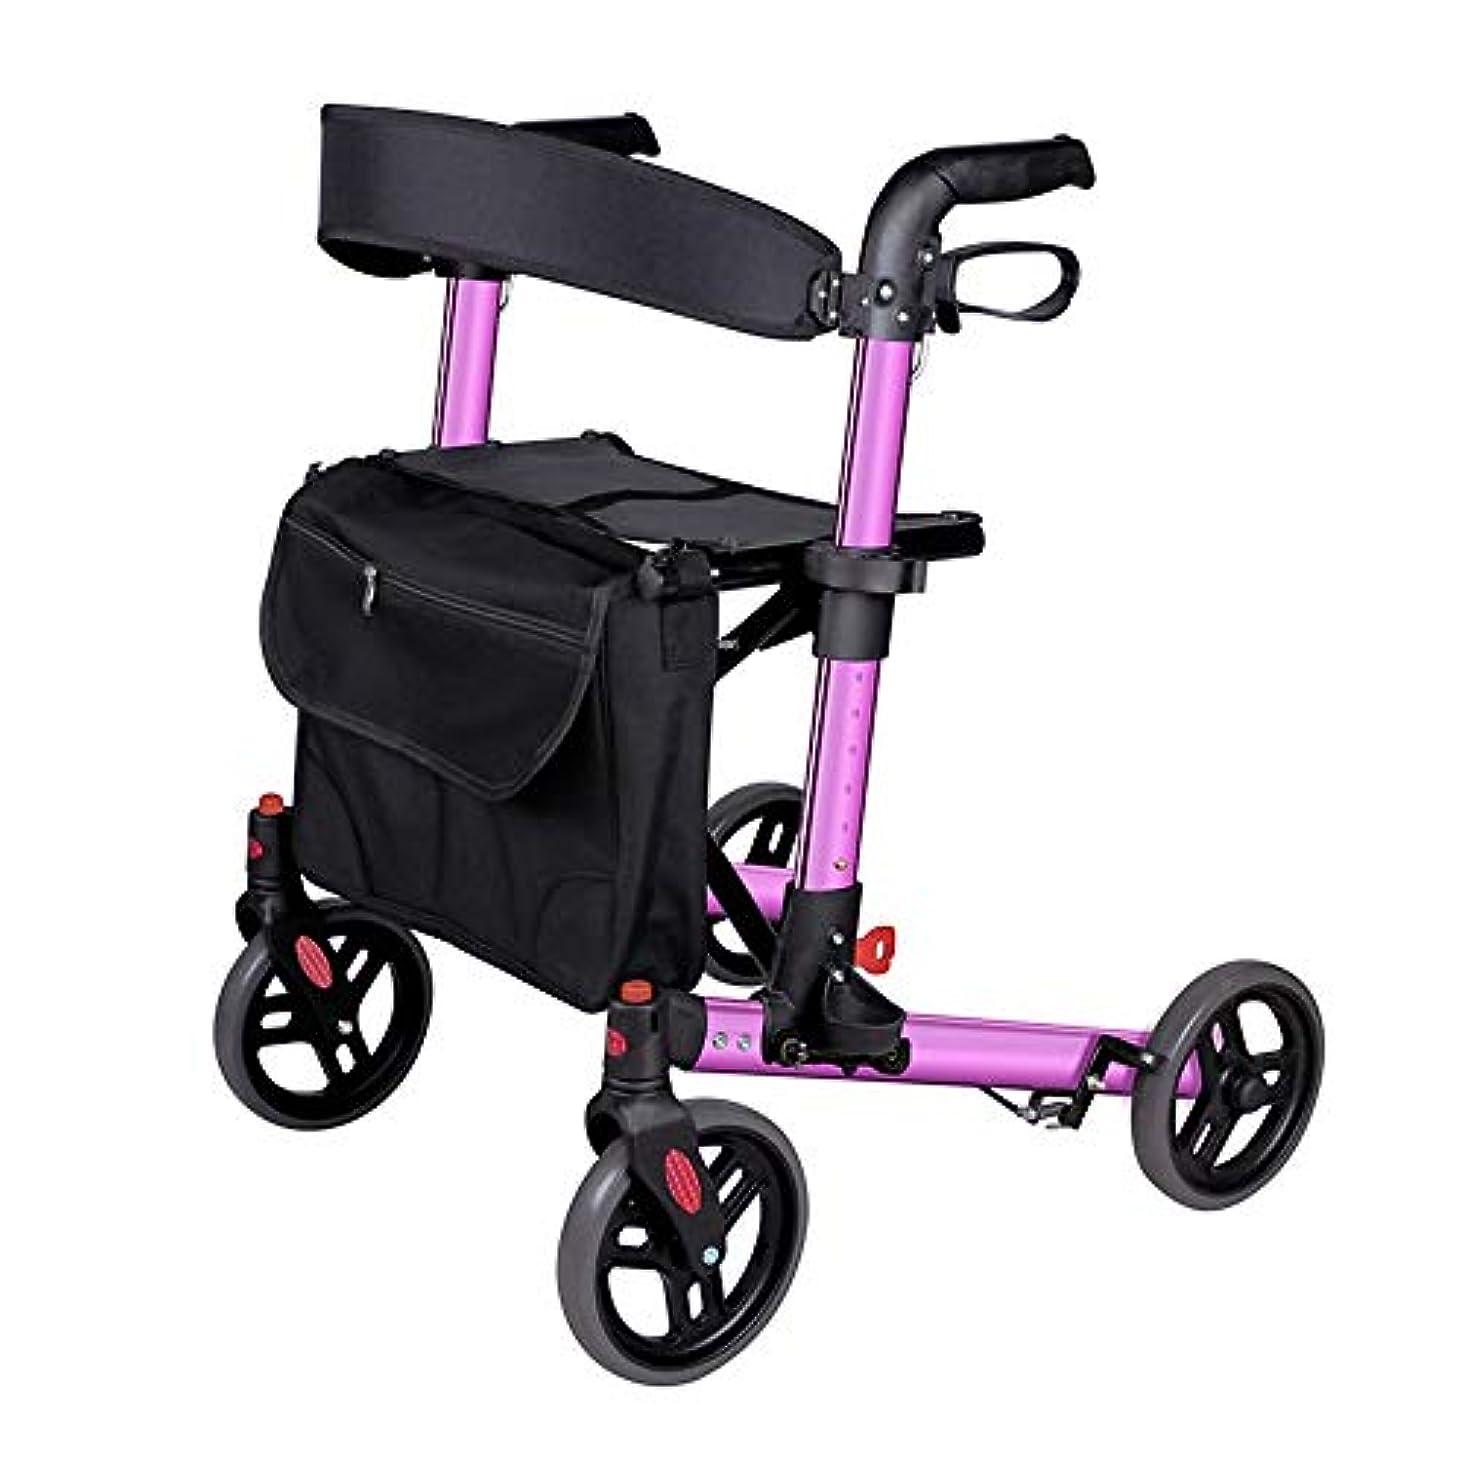 マイク他の日麻酔薬老人のショッピングカートのプッシュは、歩行歩行器に座ることができます